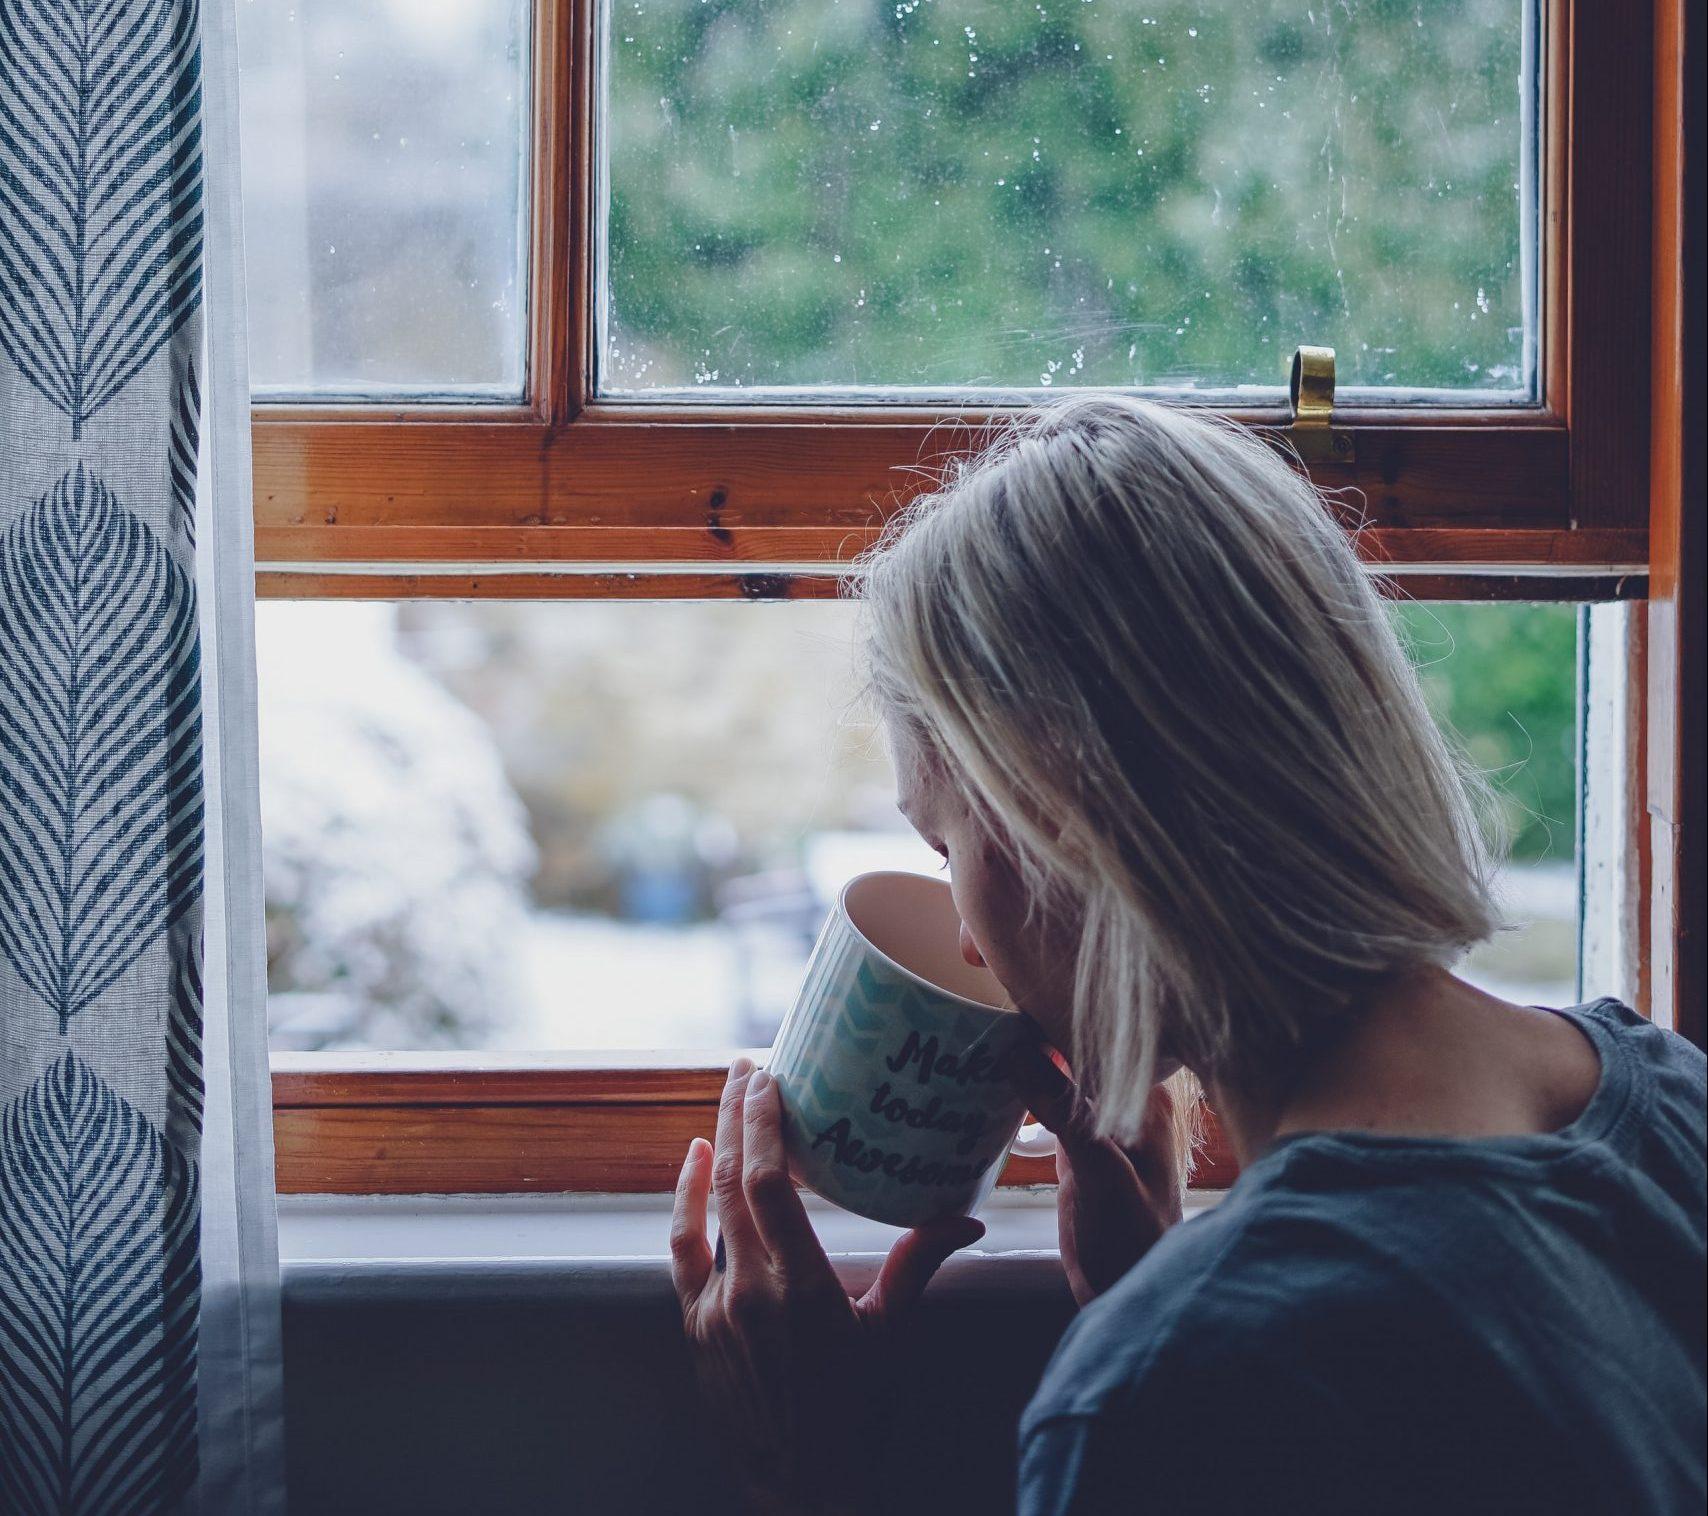 O să dârdâim mult și bine în case și iarna asta, scuze de vești proaste în prima zi friguroasă de toamnă. Problemele cu căldura din București rămân, iar o zonă anume e foarte vulnerabilă